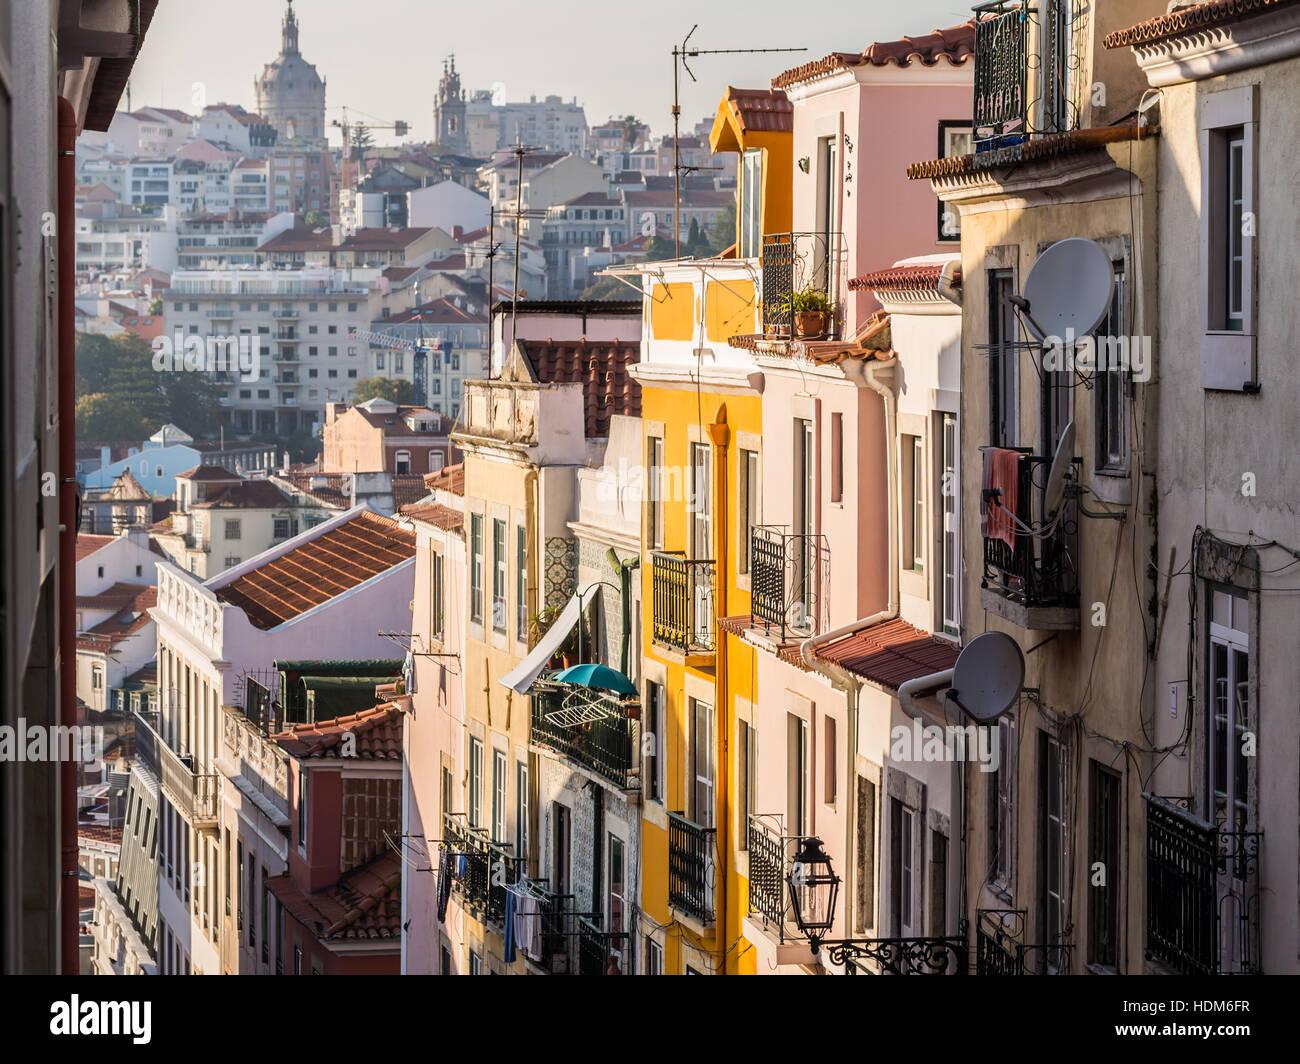 Architettura nel centro storico di Lisbona, Portogallo. Immagini Stock